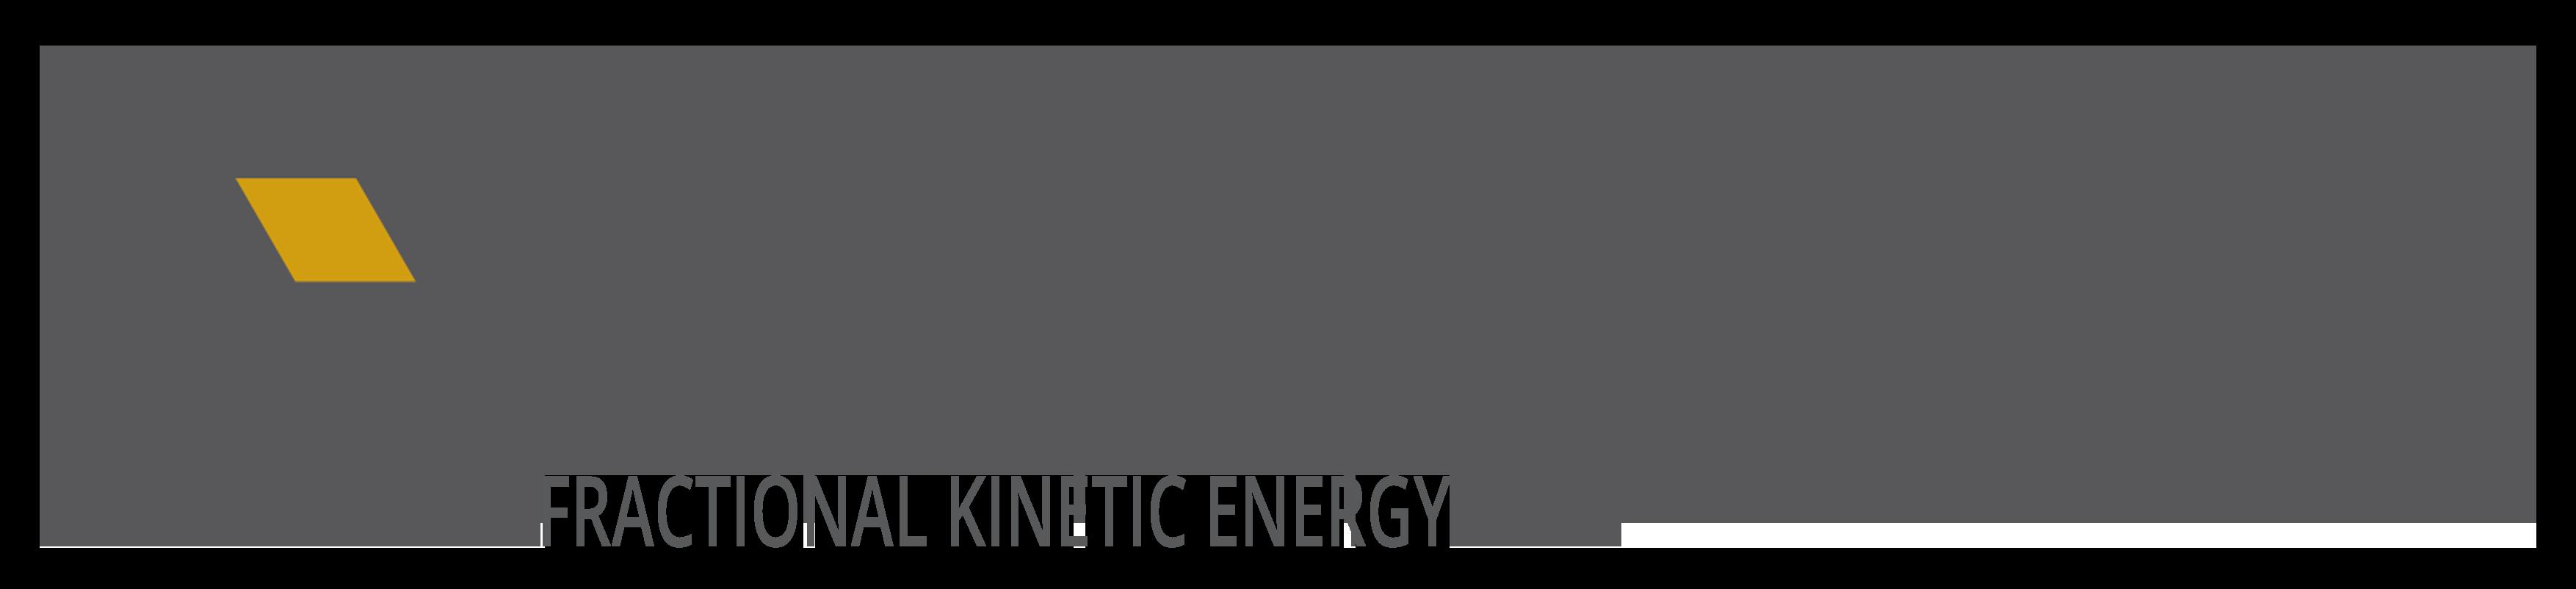 EnerJet logo_DASIL 2018